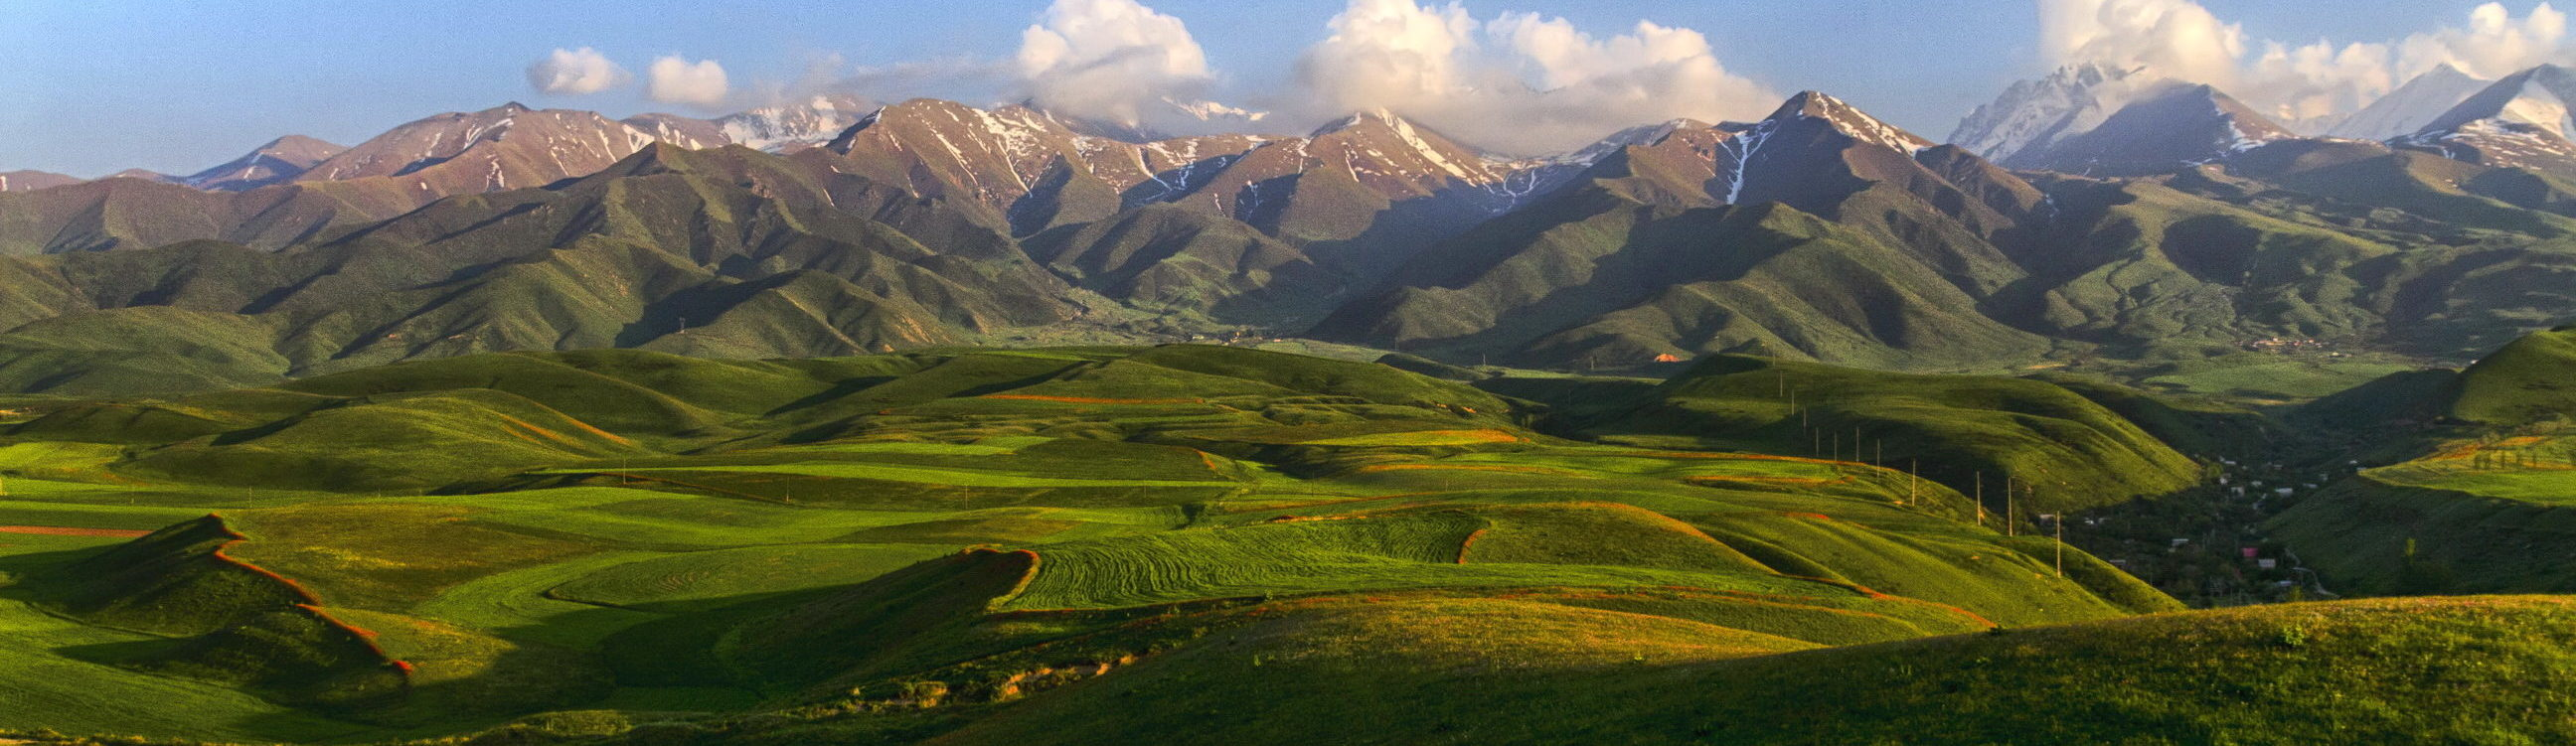 Добро пожаловать в Кыргызстан!